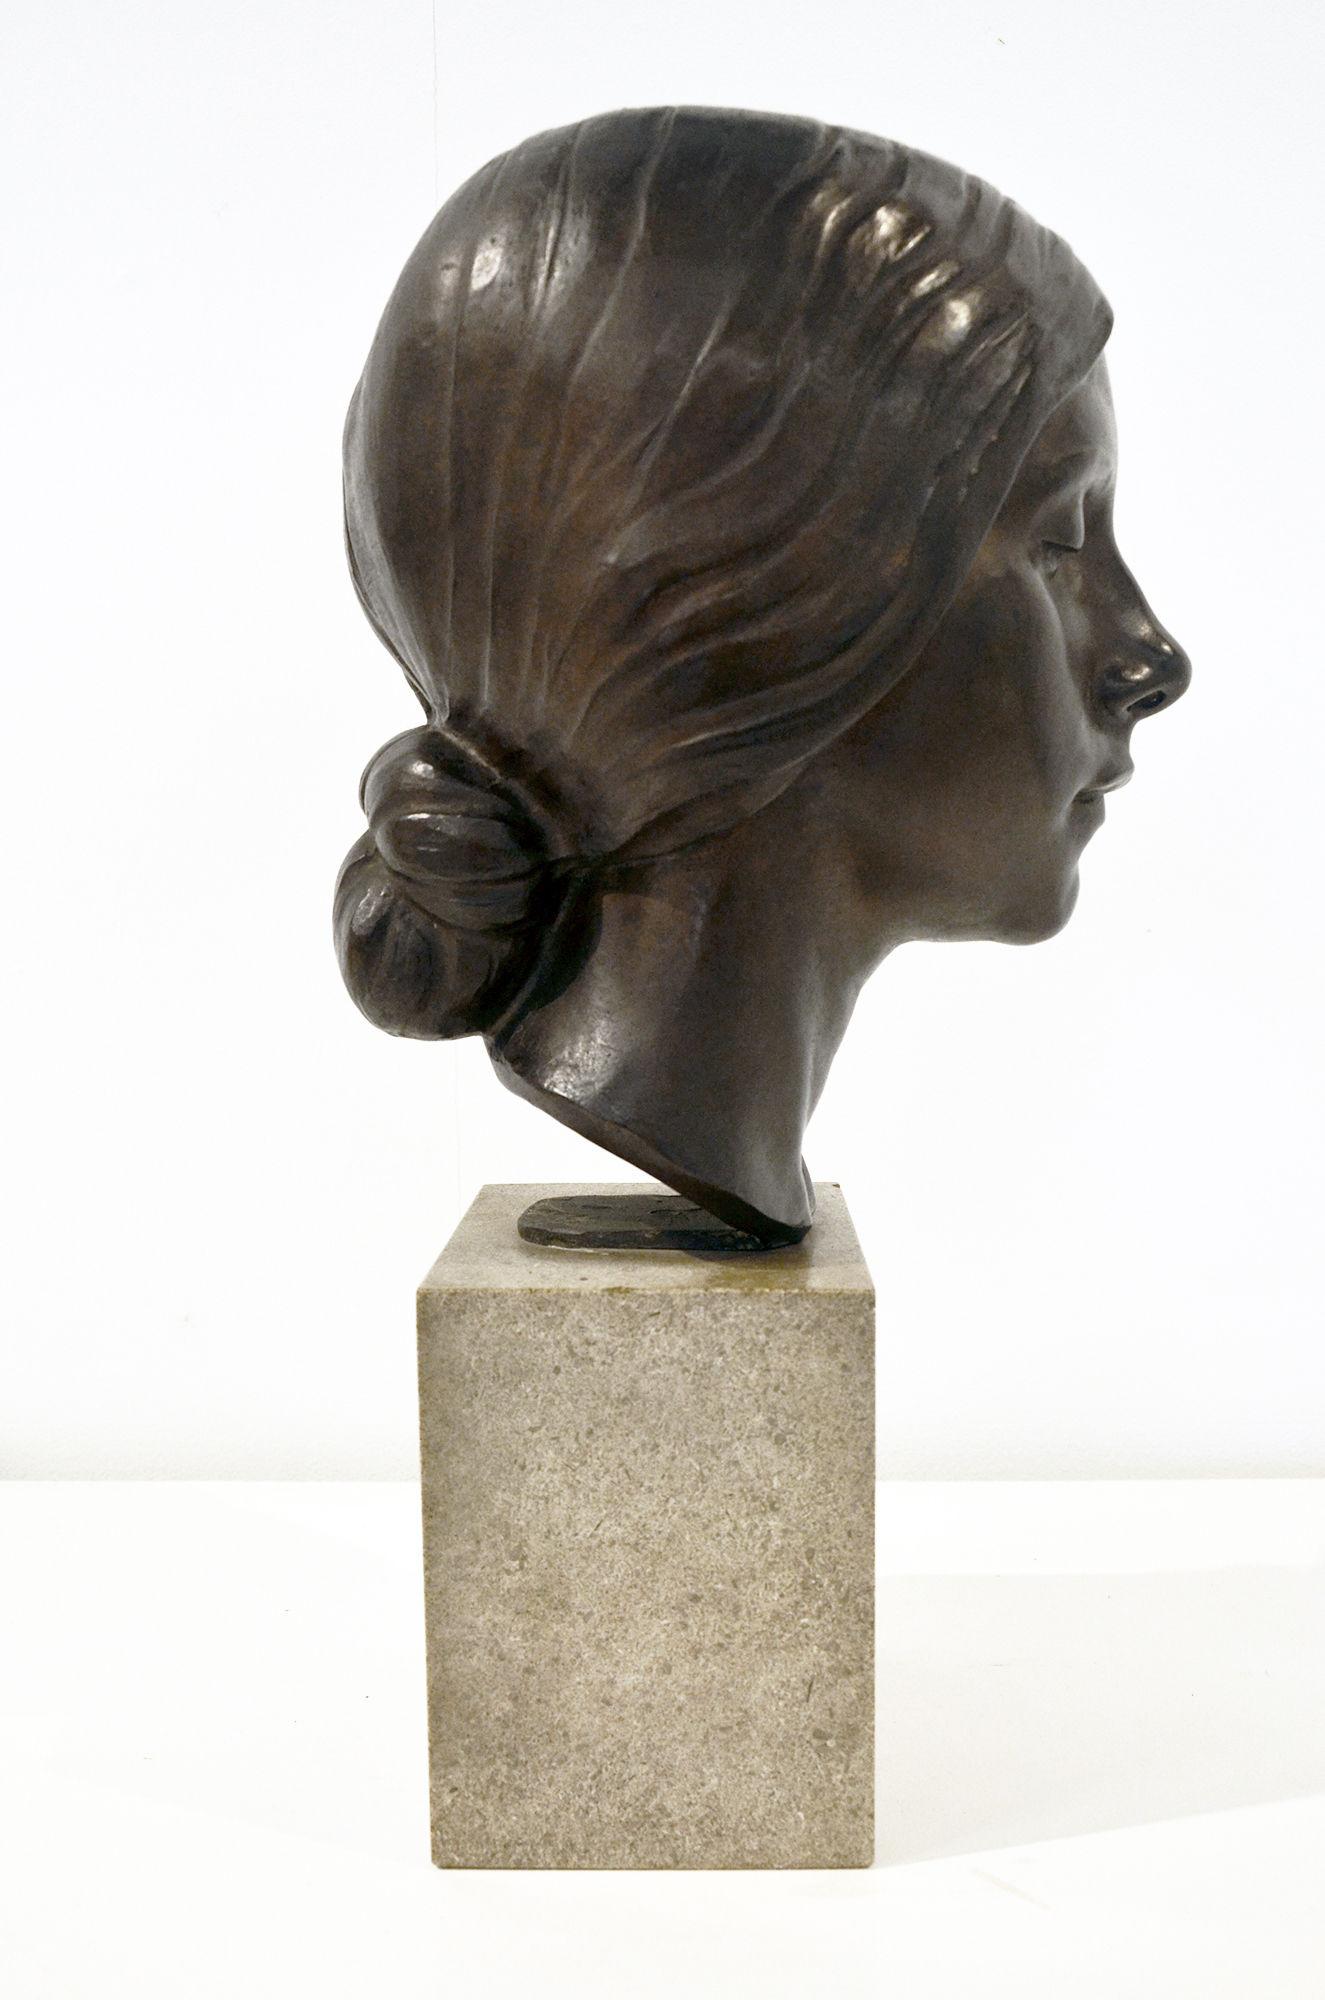 A bronze portrait bust of a young women by Herbert Palliser 1883-1963